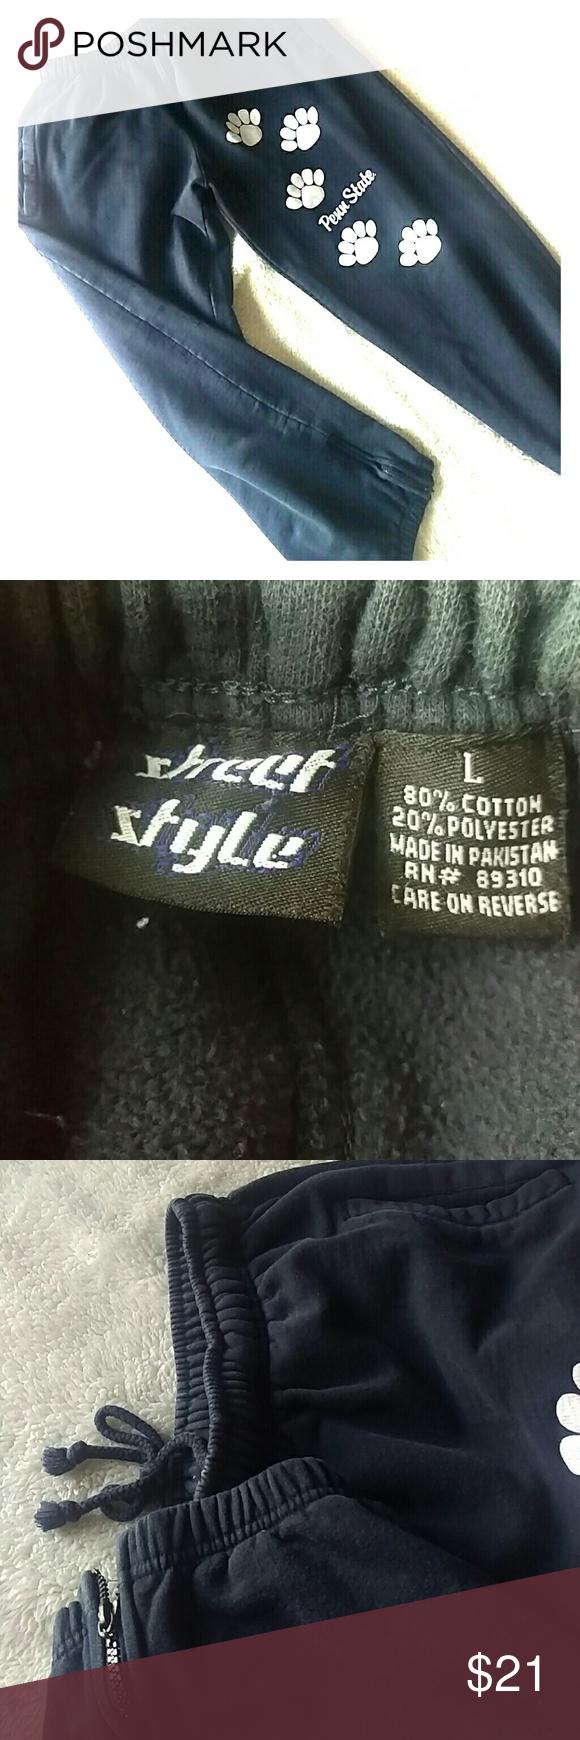 Vintage Penn State paw print sweatpants size large